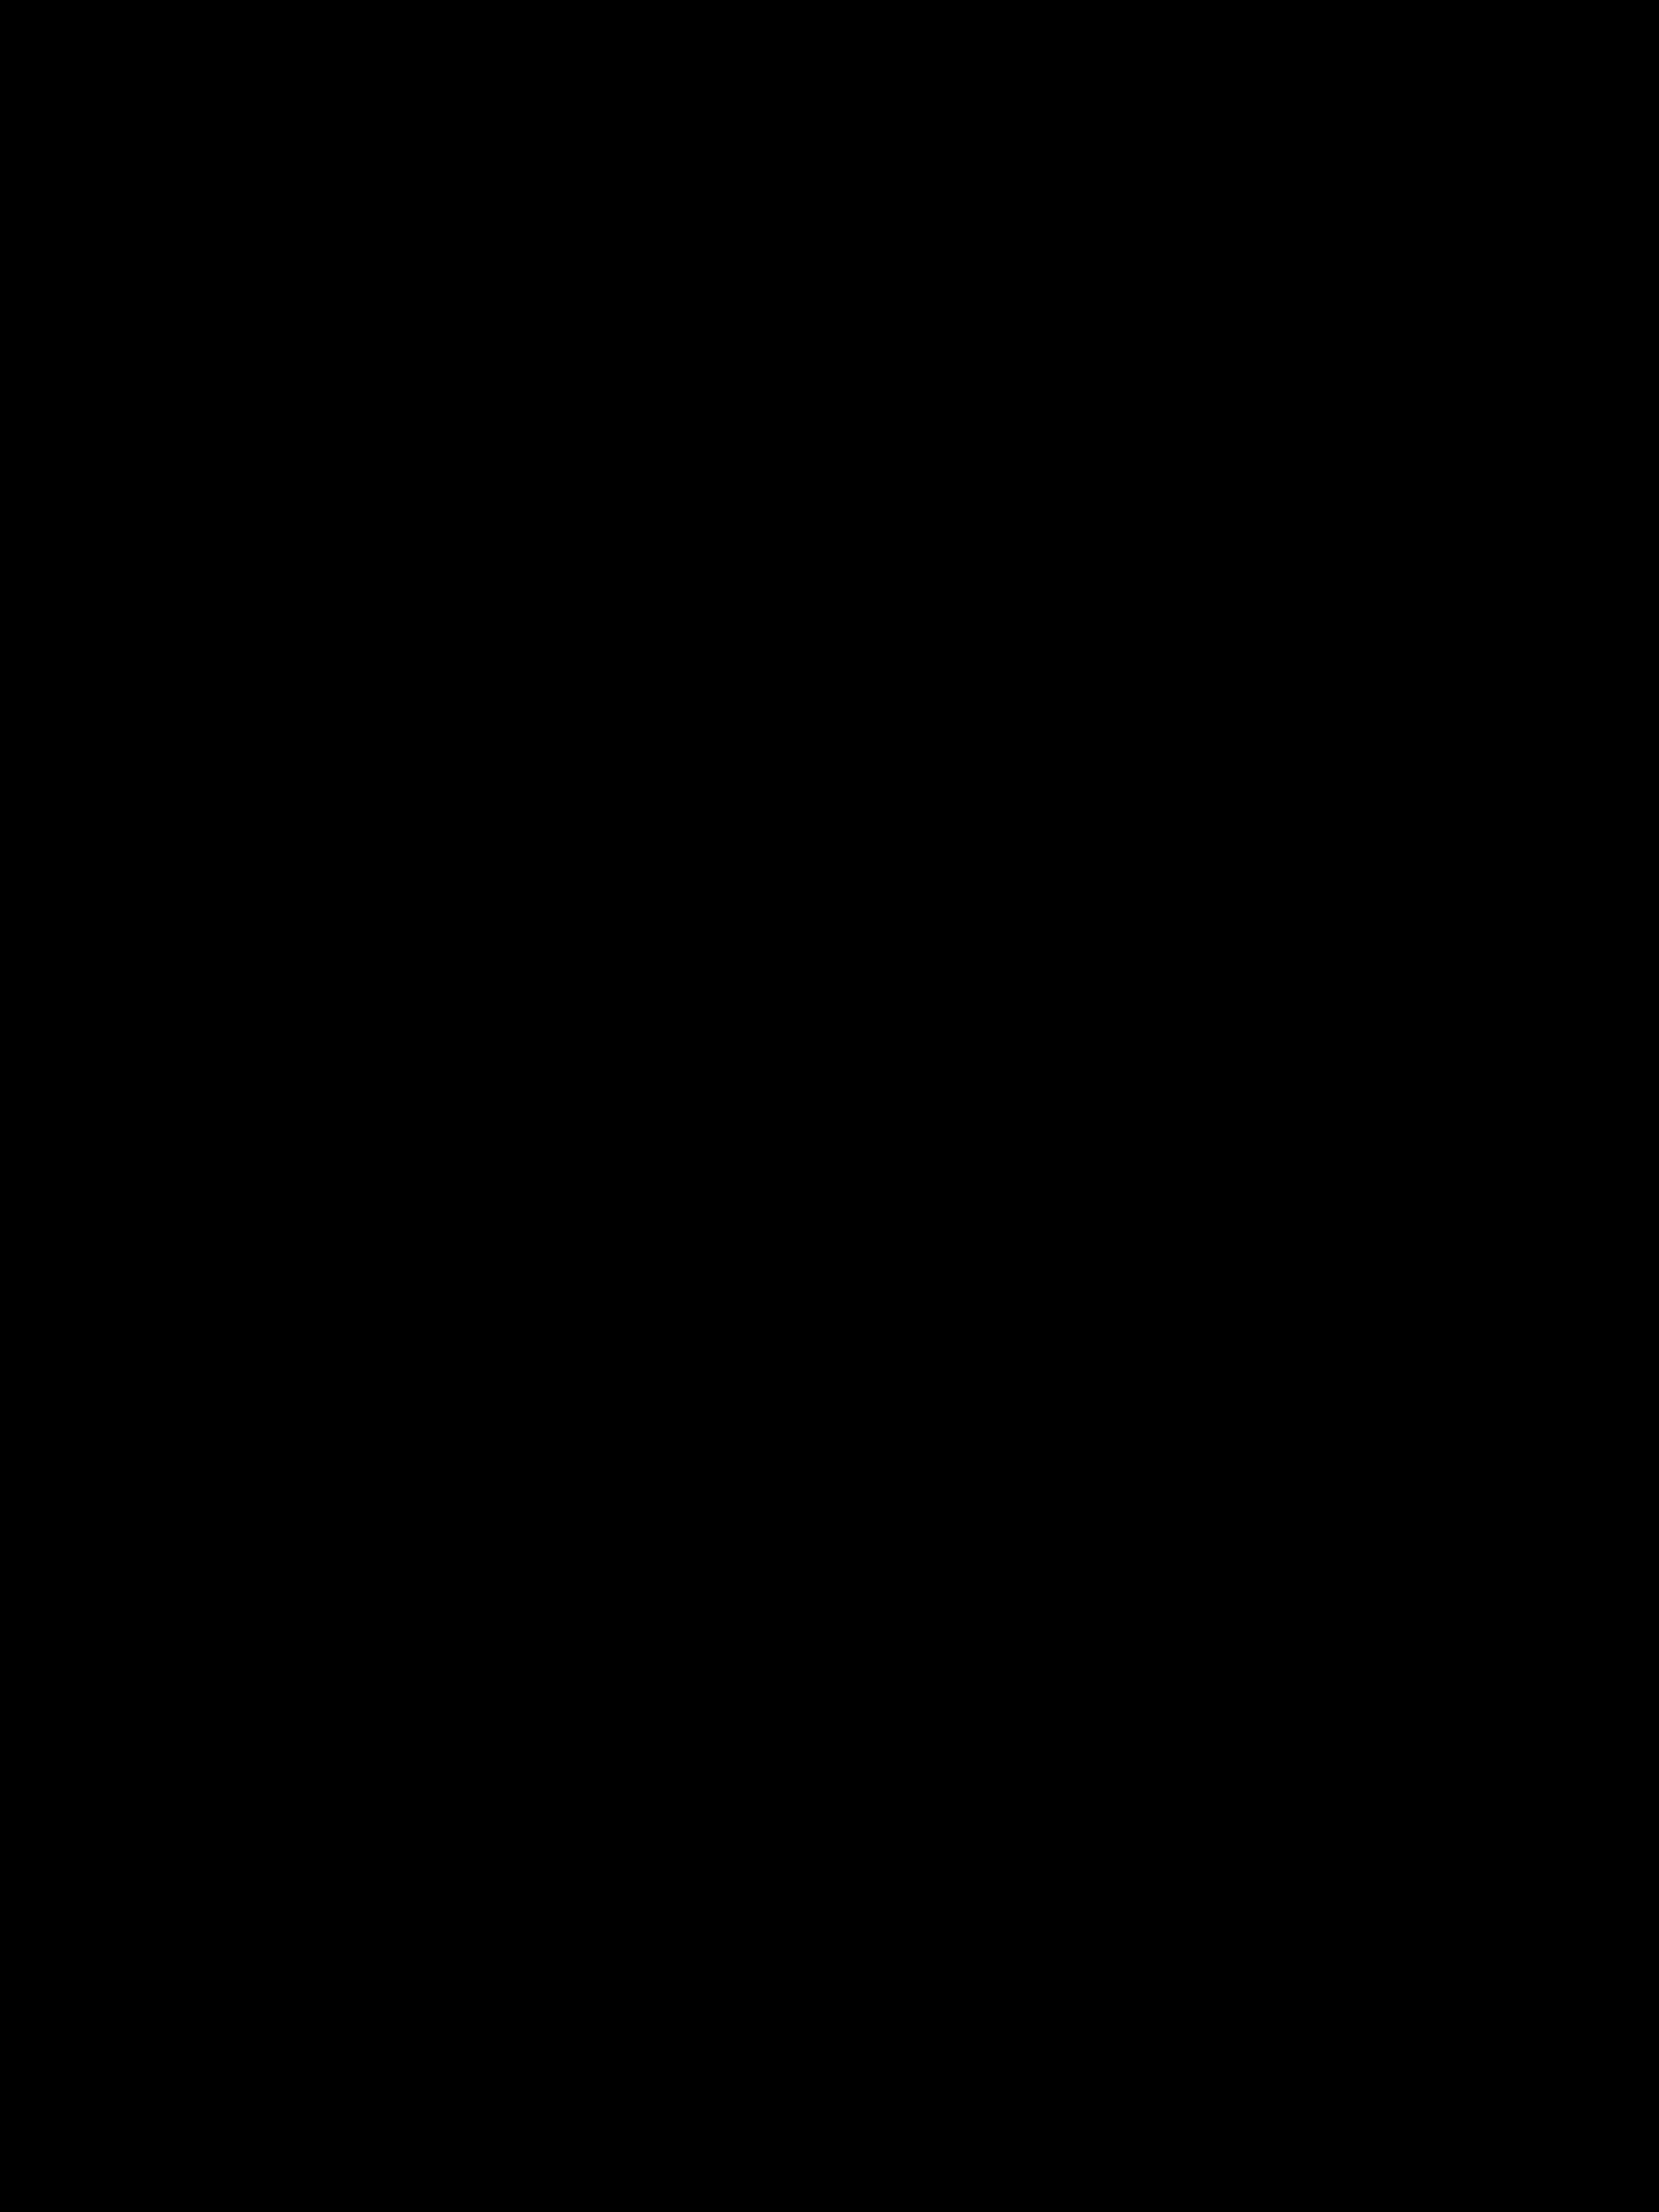 Impromptu No.3 in Gb Major, Op.90 (Piano Solo)